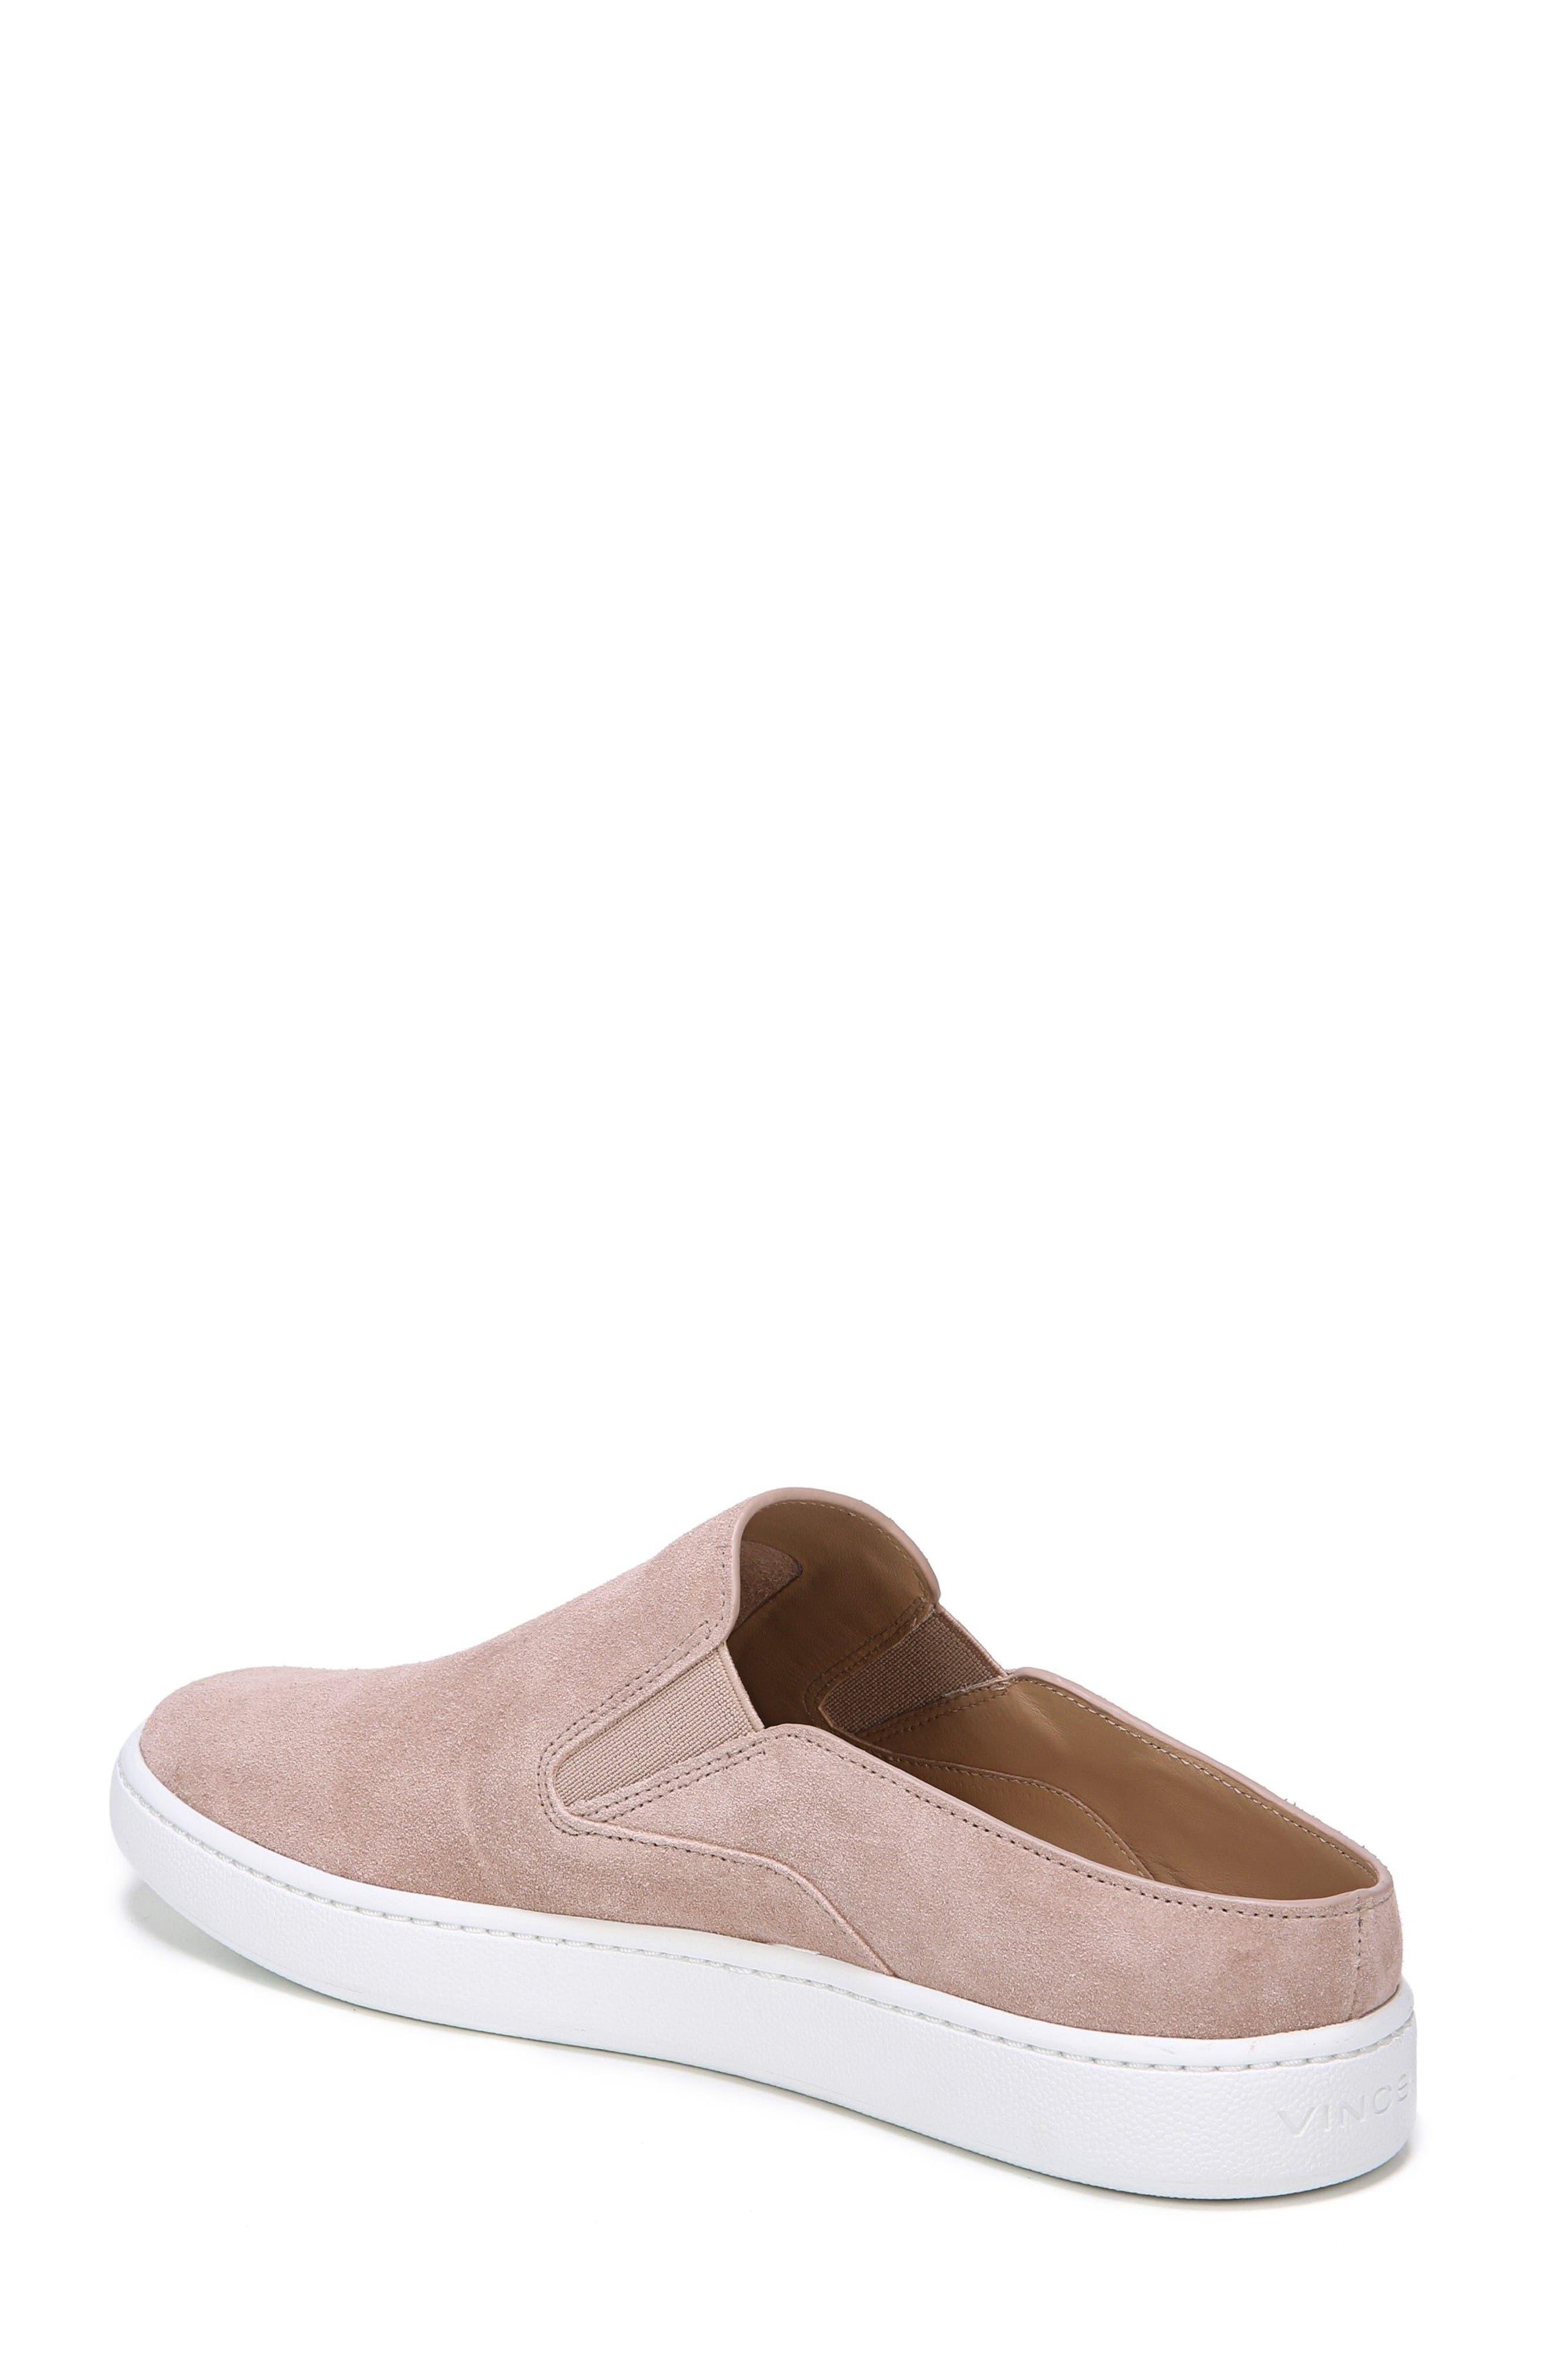 Verrell Slip-On Sneaker,                             Alternate thumbnail 2, color,                             023